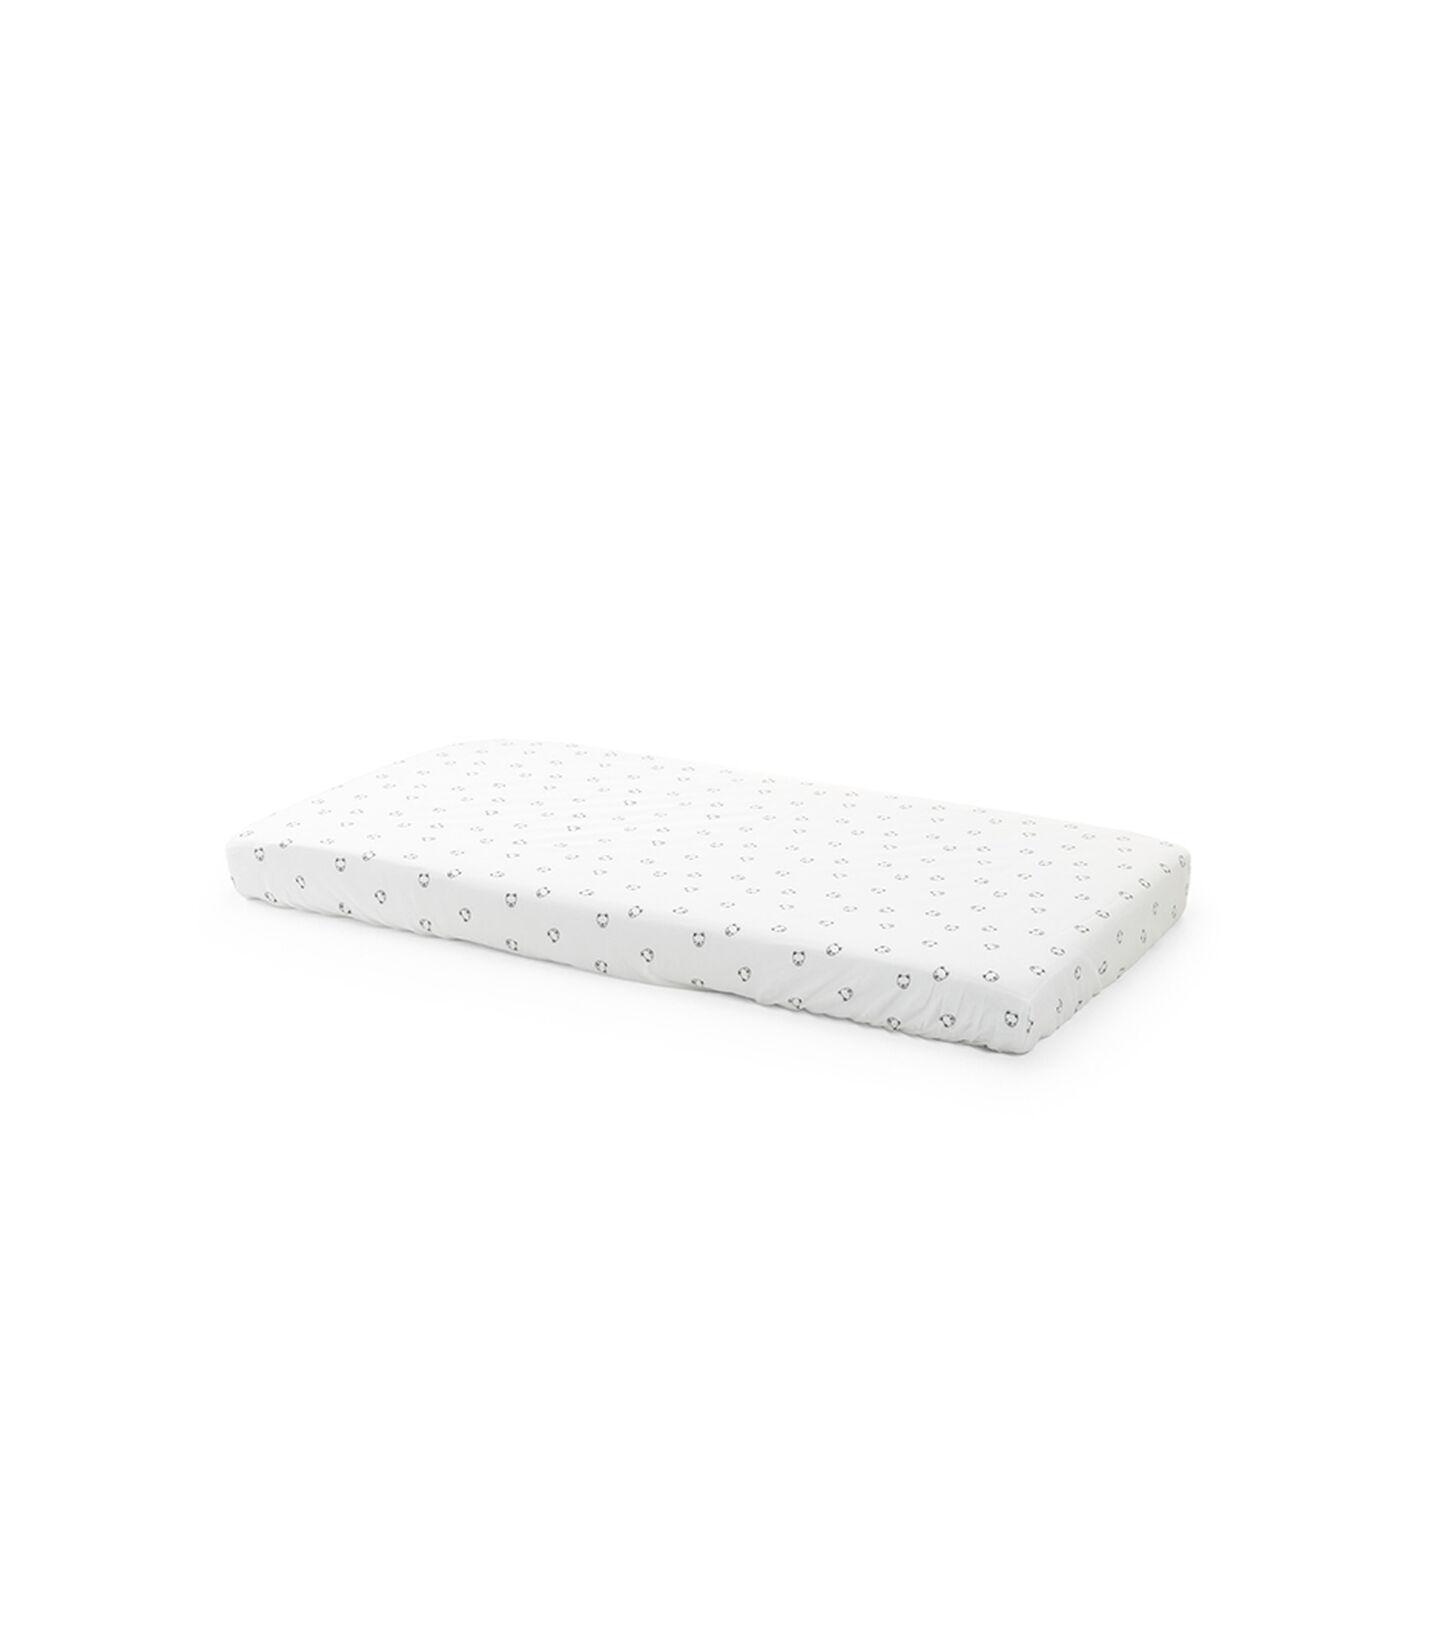 Stokke® Home™ Bed Spannbettlaken, 2-teilig - Monochrome Bear, Monochrome Bear, mainview